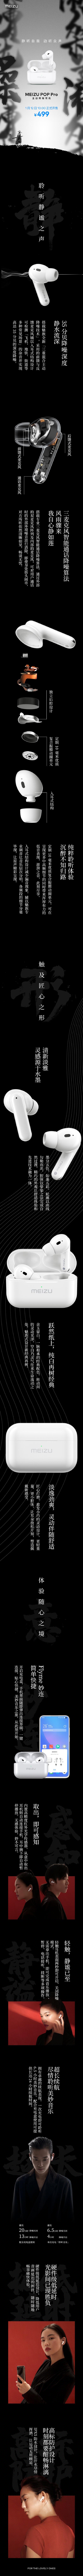 魅族2021首款新品发布:仅499元